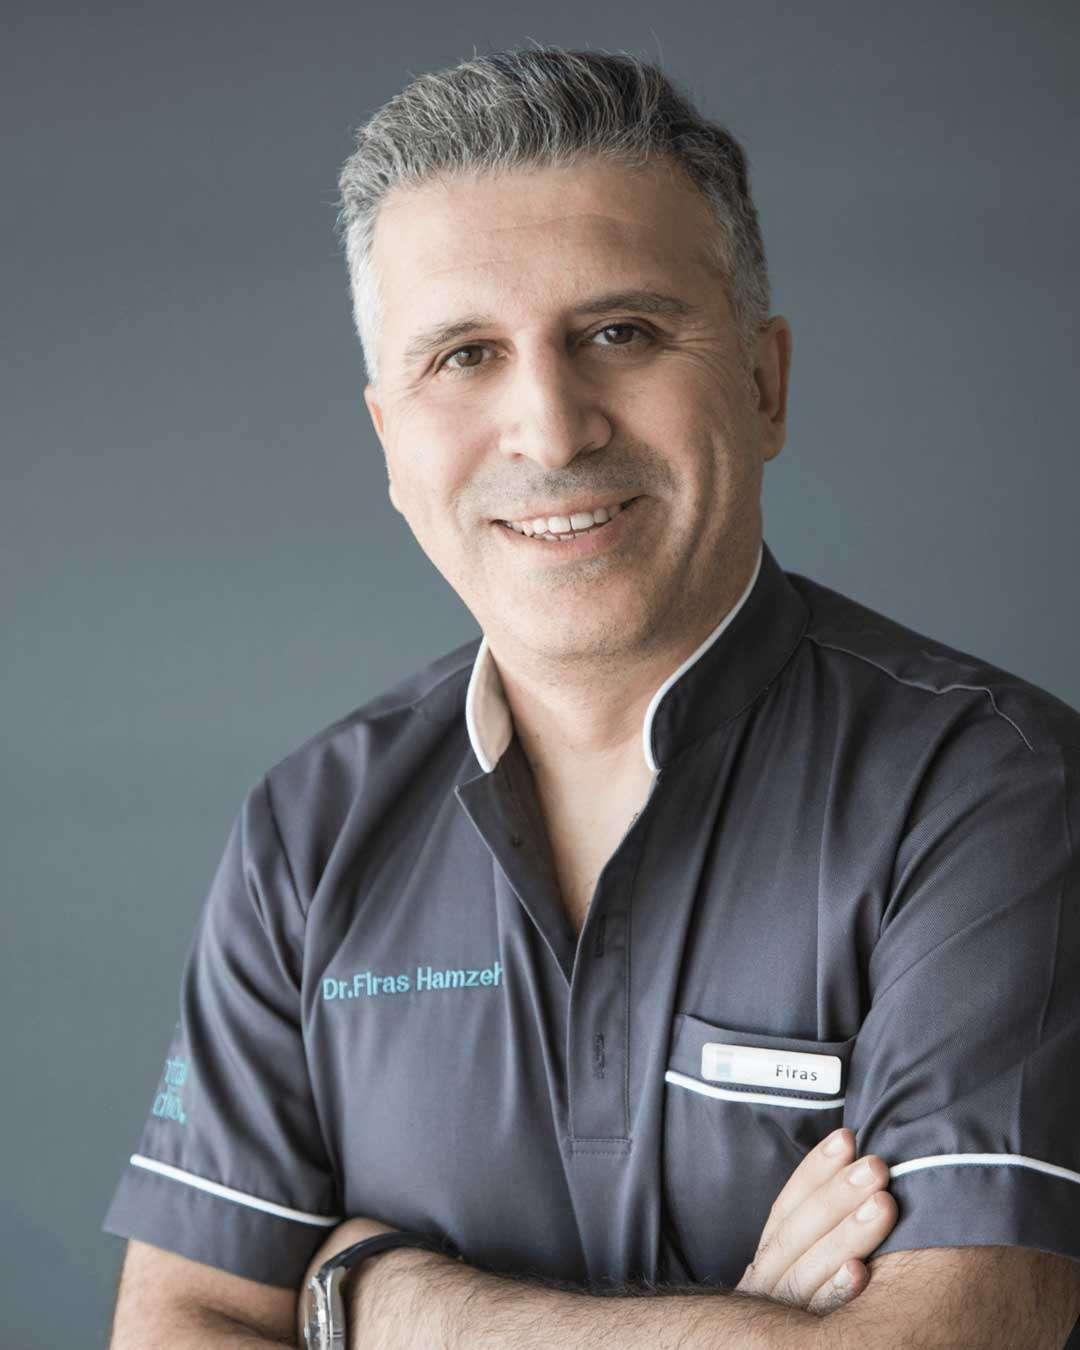 Dr. Firas Hamzeh